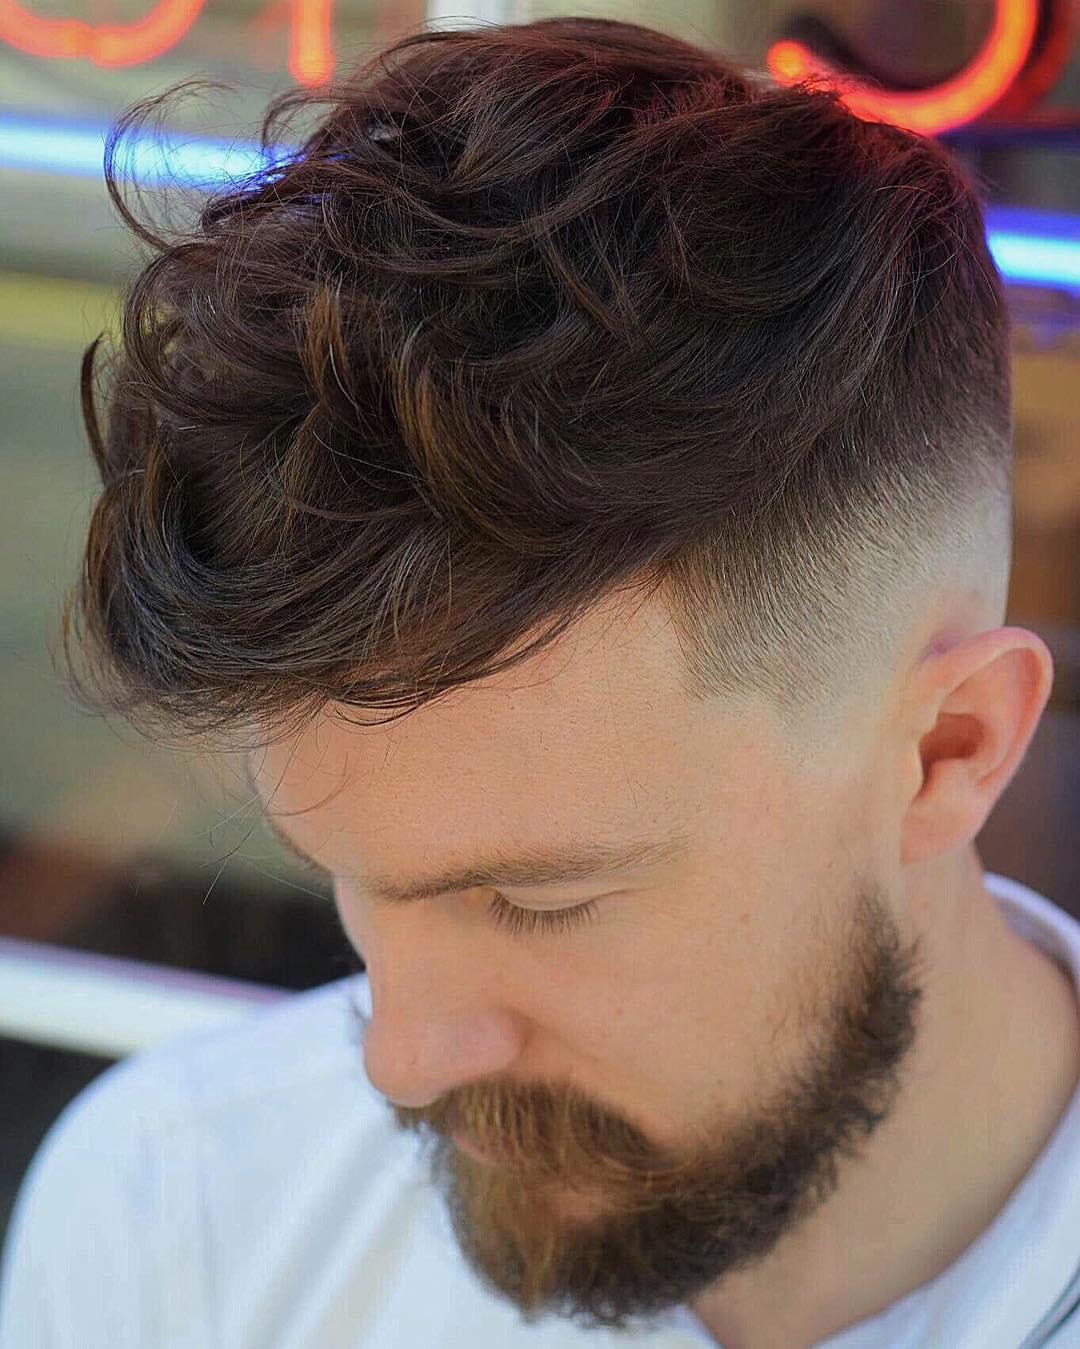 100 coupes de cheveux les plus populaires pour les hommes pour 2020 5f3f7603469f3 - 100+ coupes de cheveux les plus populaires pour les hommes pour 2020